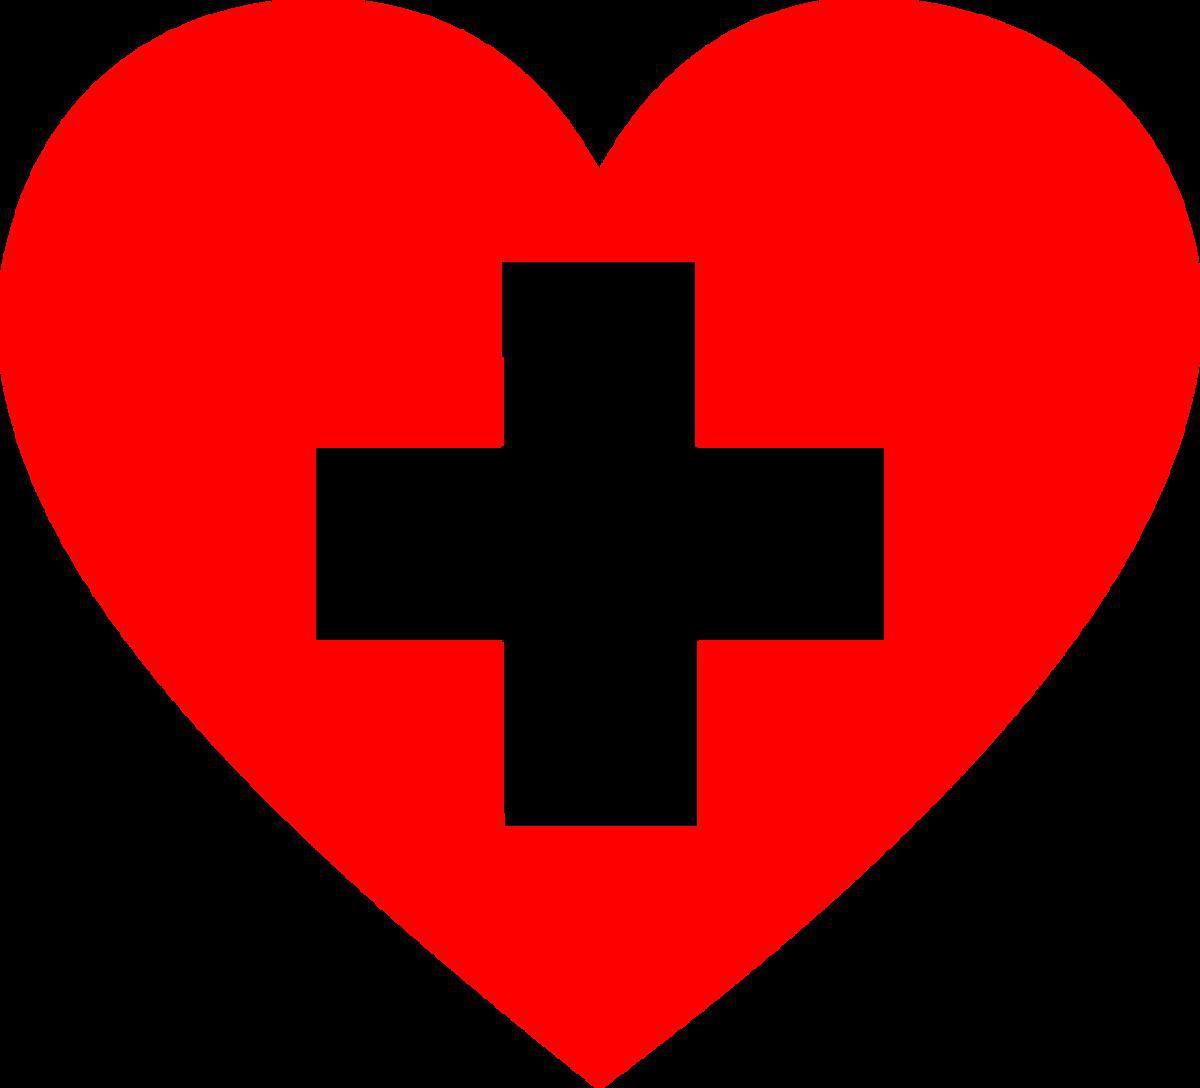 Le Ministère des « Solidarités » et de la « Santé » doit urgemment répondre aux hospitaliers qui sont au front !!!